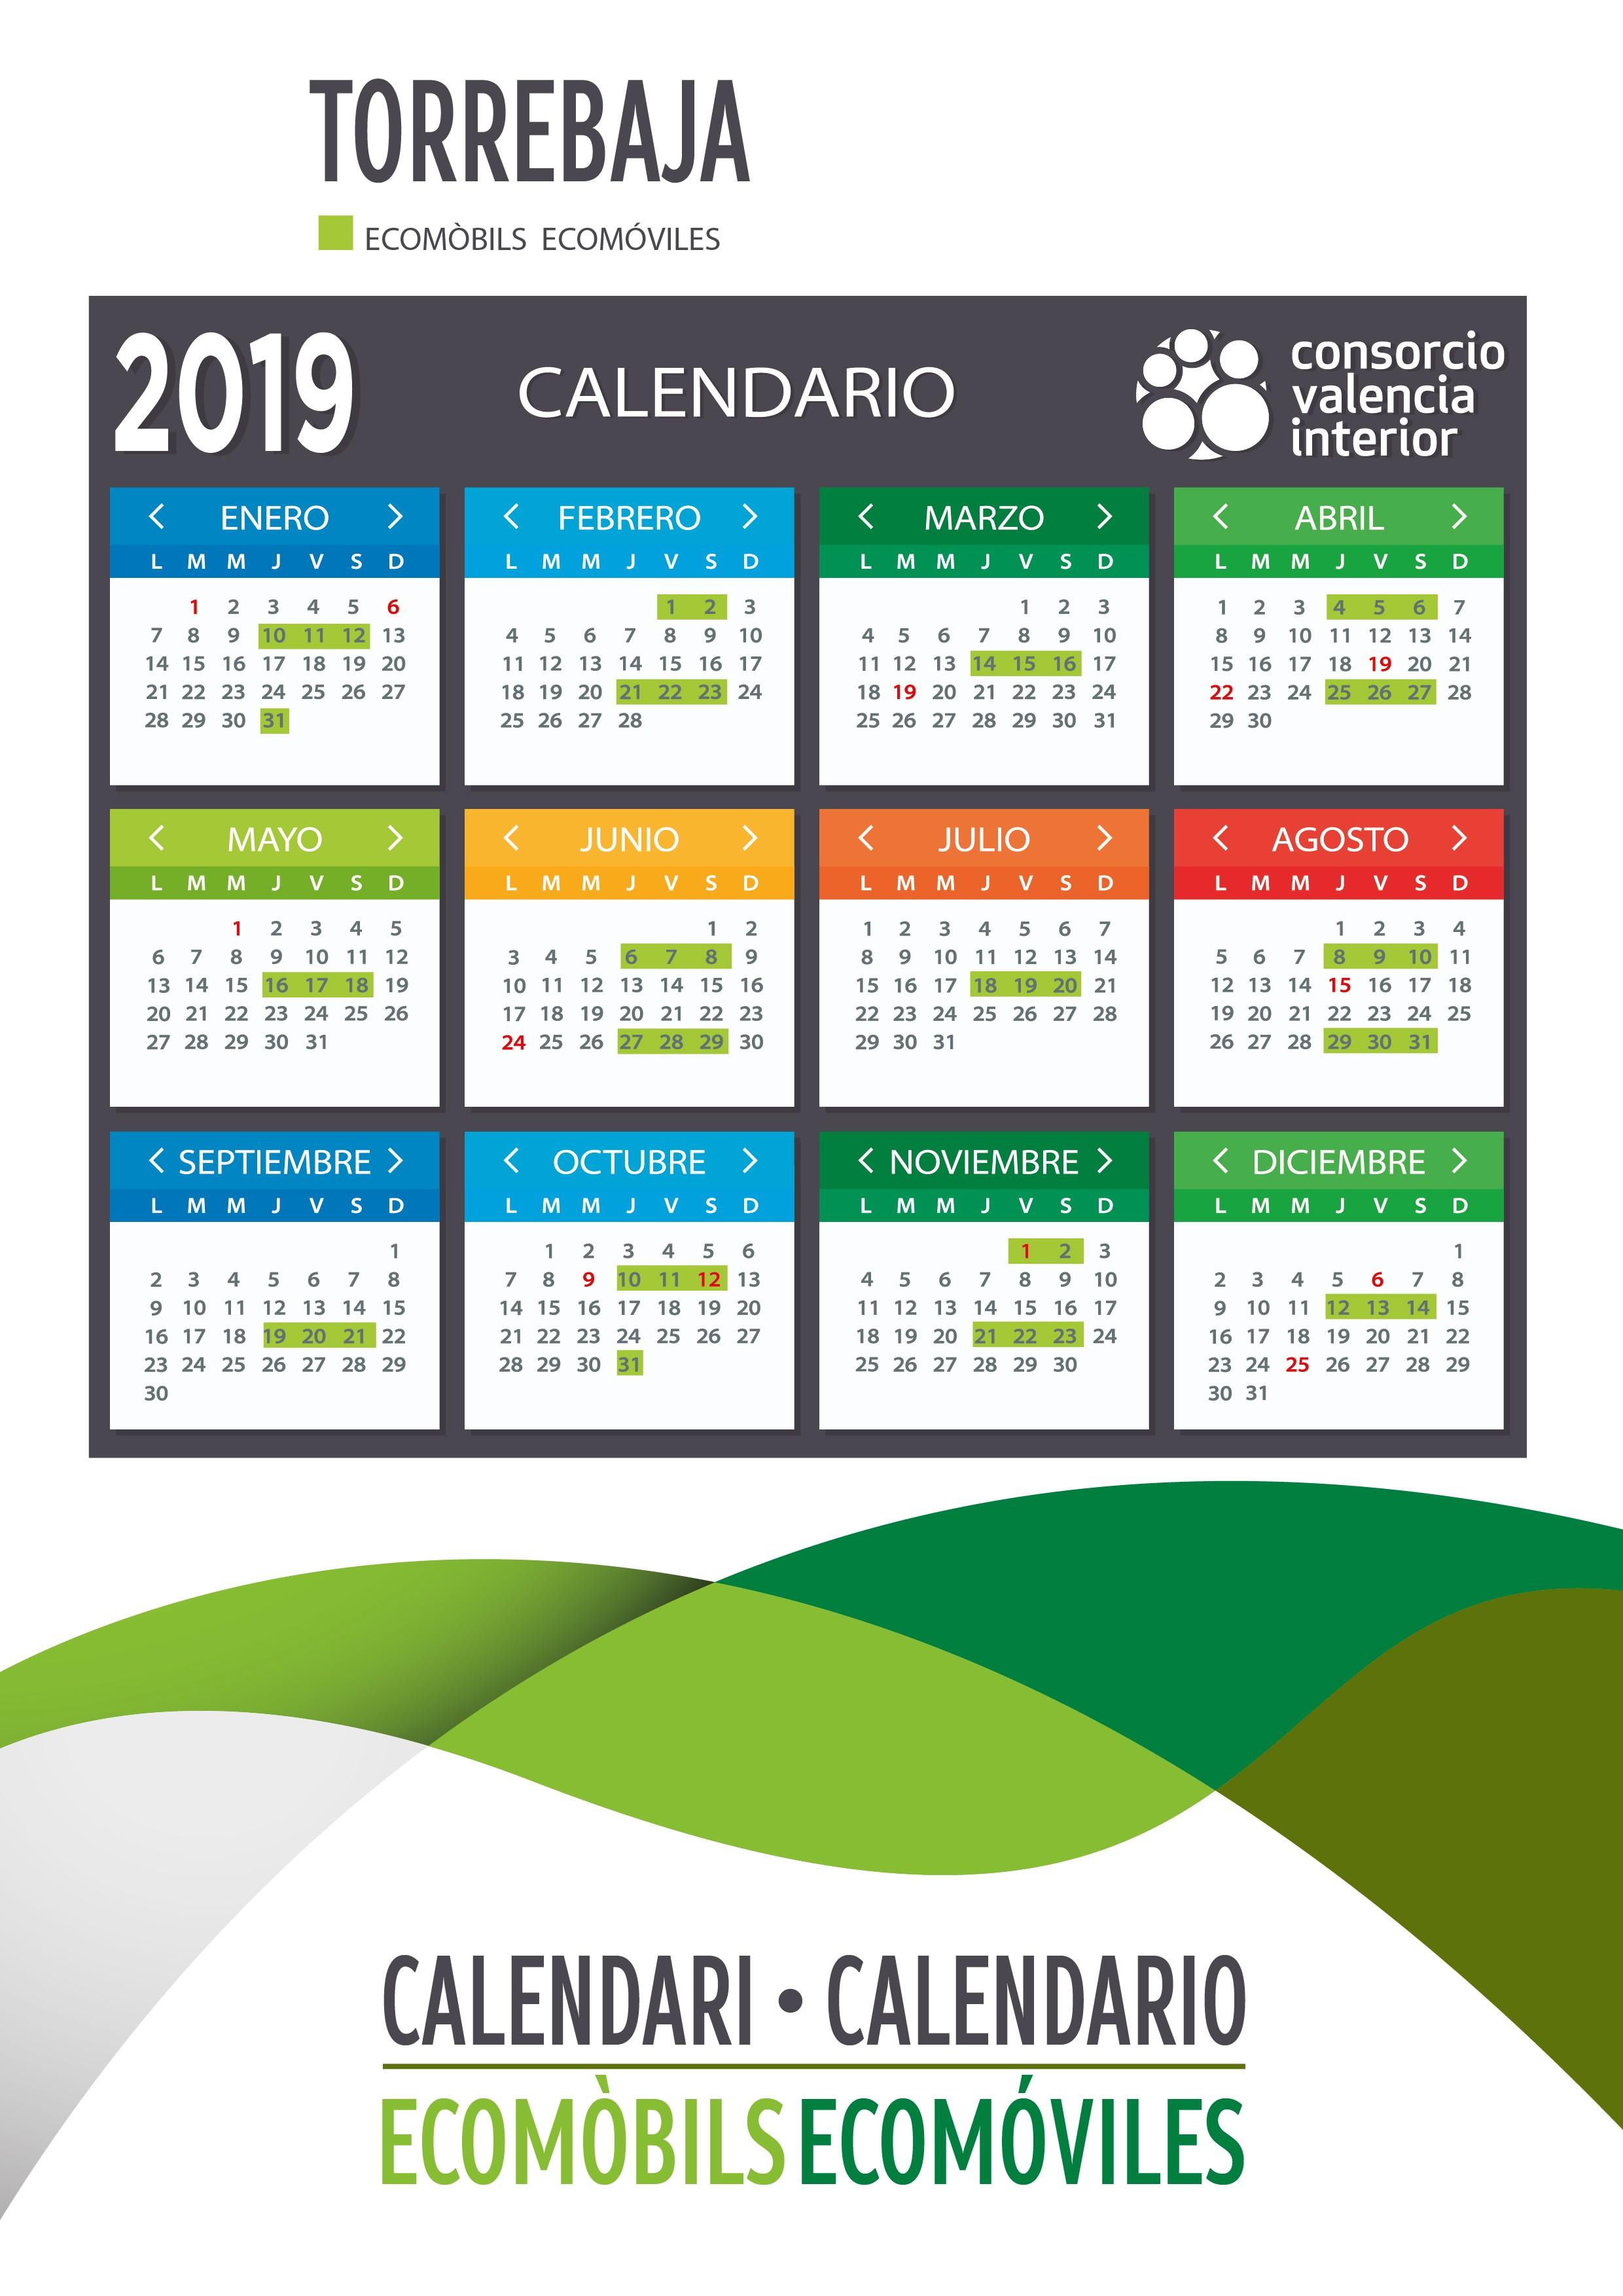 Calendario Laboral 2019 Huesca Más Caliente El Rincon De Imagenes 11 21 14 Wallpaperzen Of Calendario Laboral 2019 Huesca Más Reciente Epub Descargar Modelo De Cv Curriculum Vitae Taringa